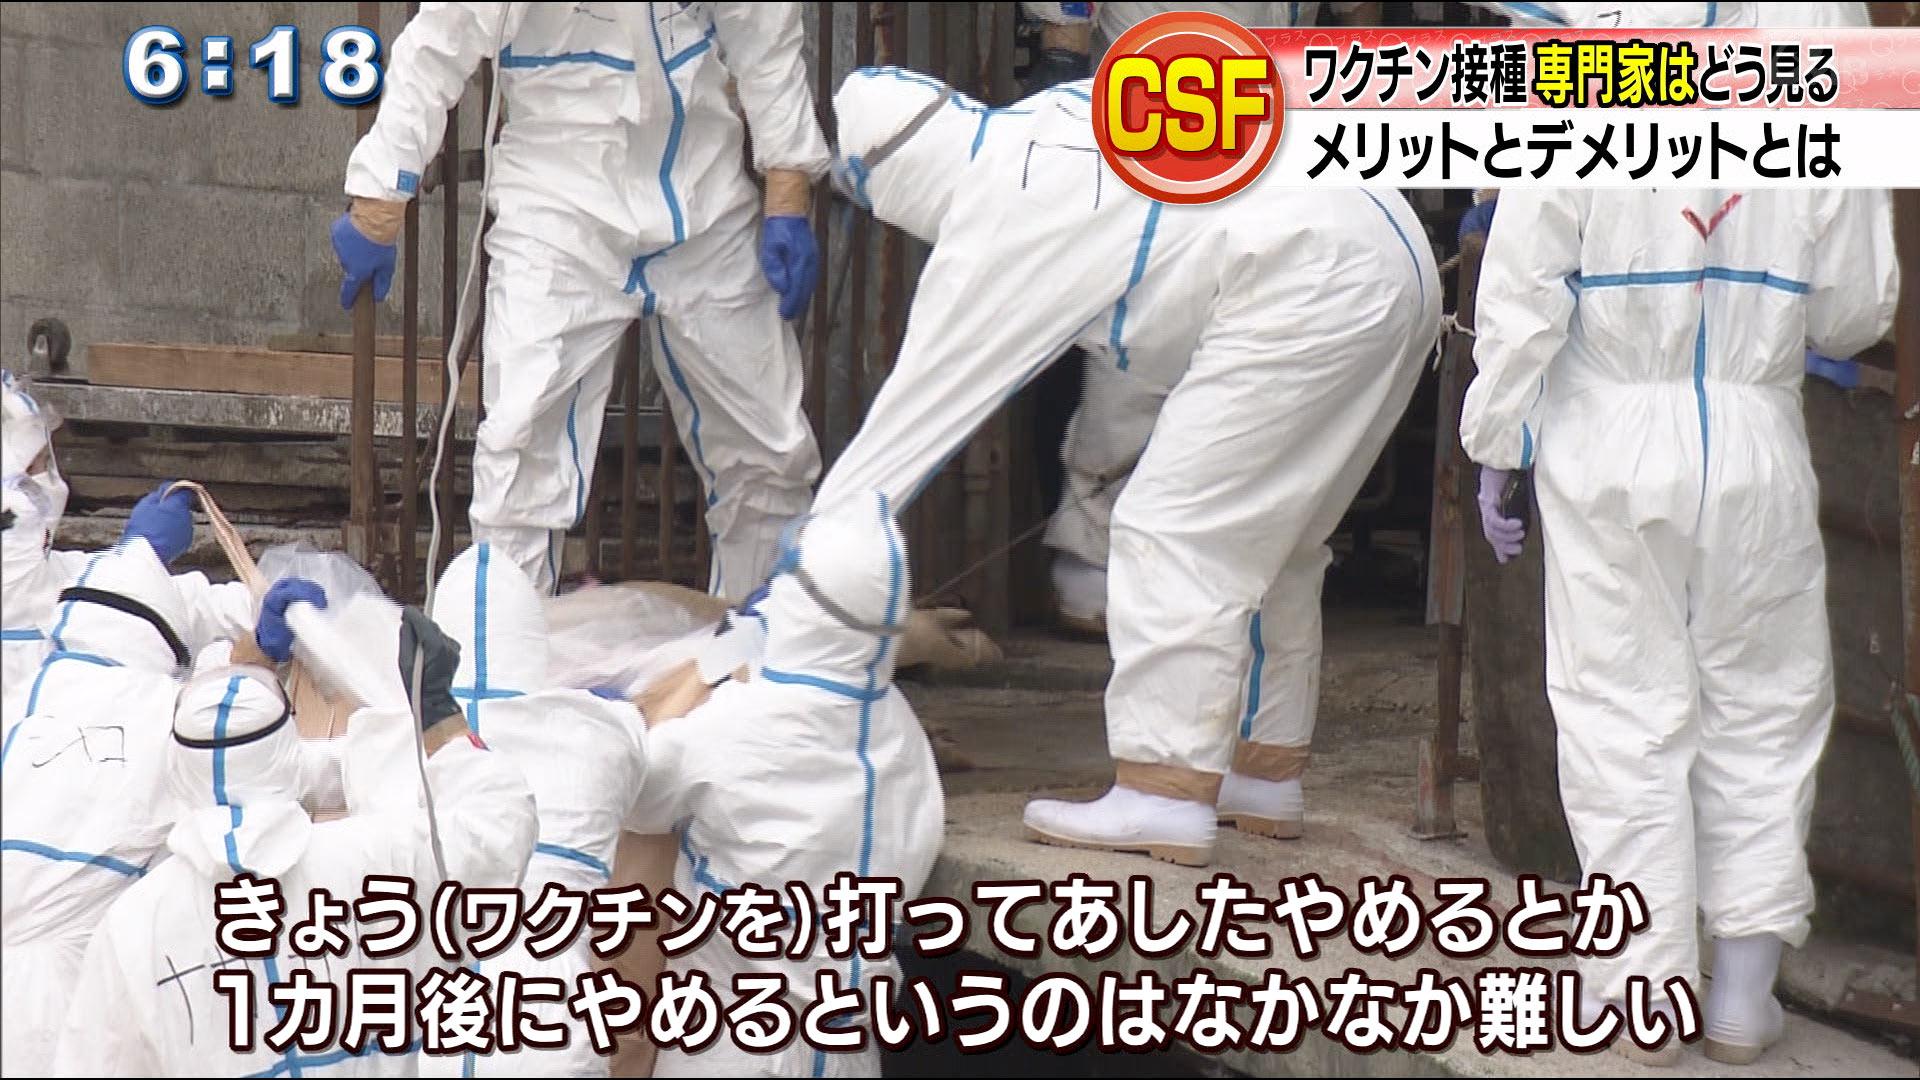 豚コレラのワクチン接種へ 知事が大臣に要請